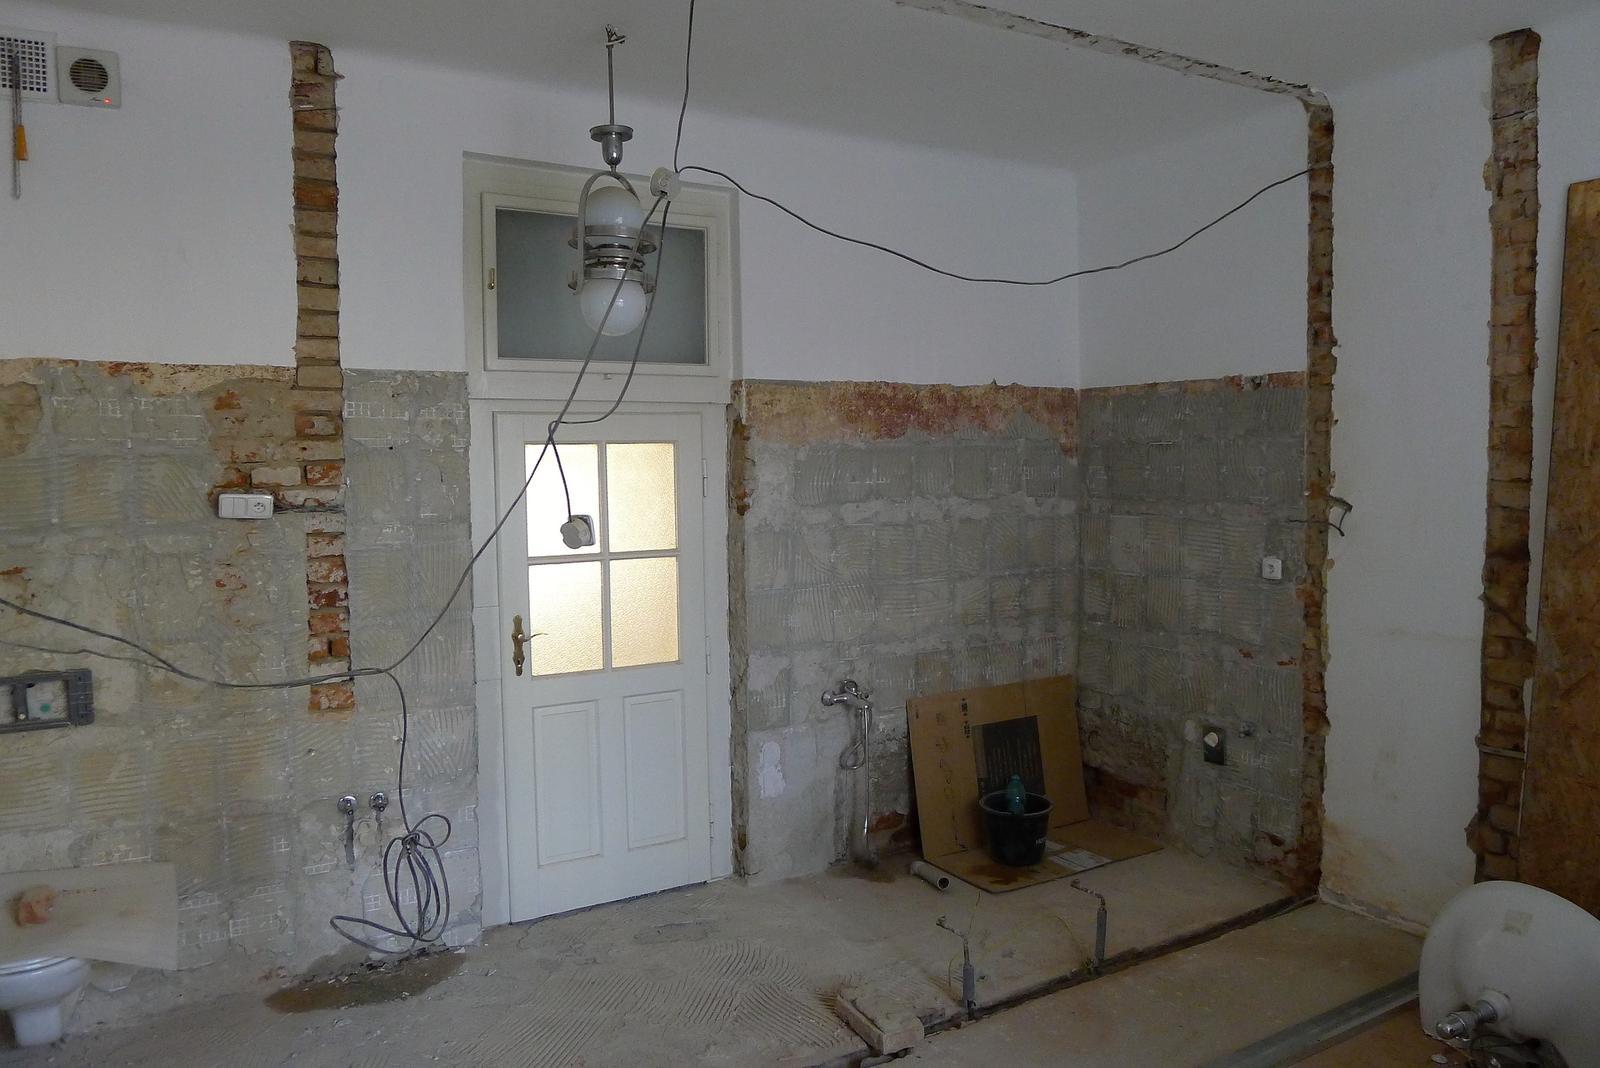 Rekonstrukce našeho domečku - Obrázek č. 15